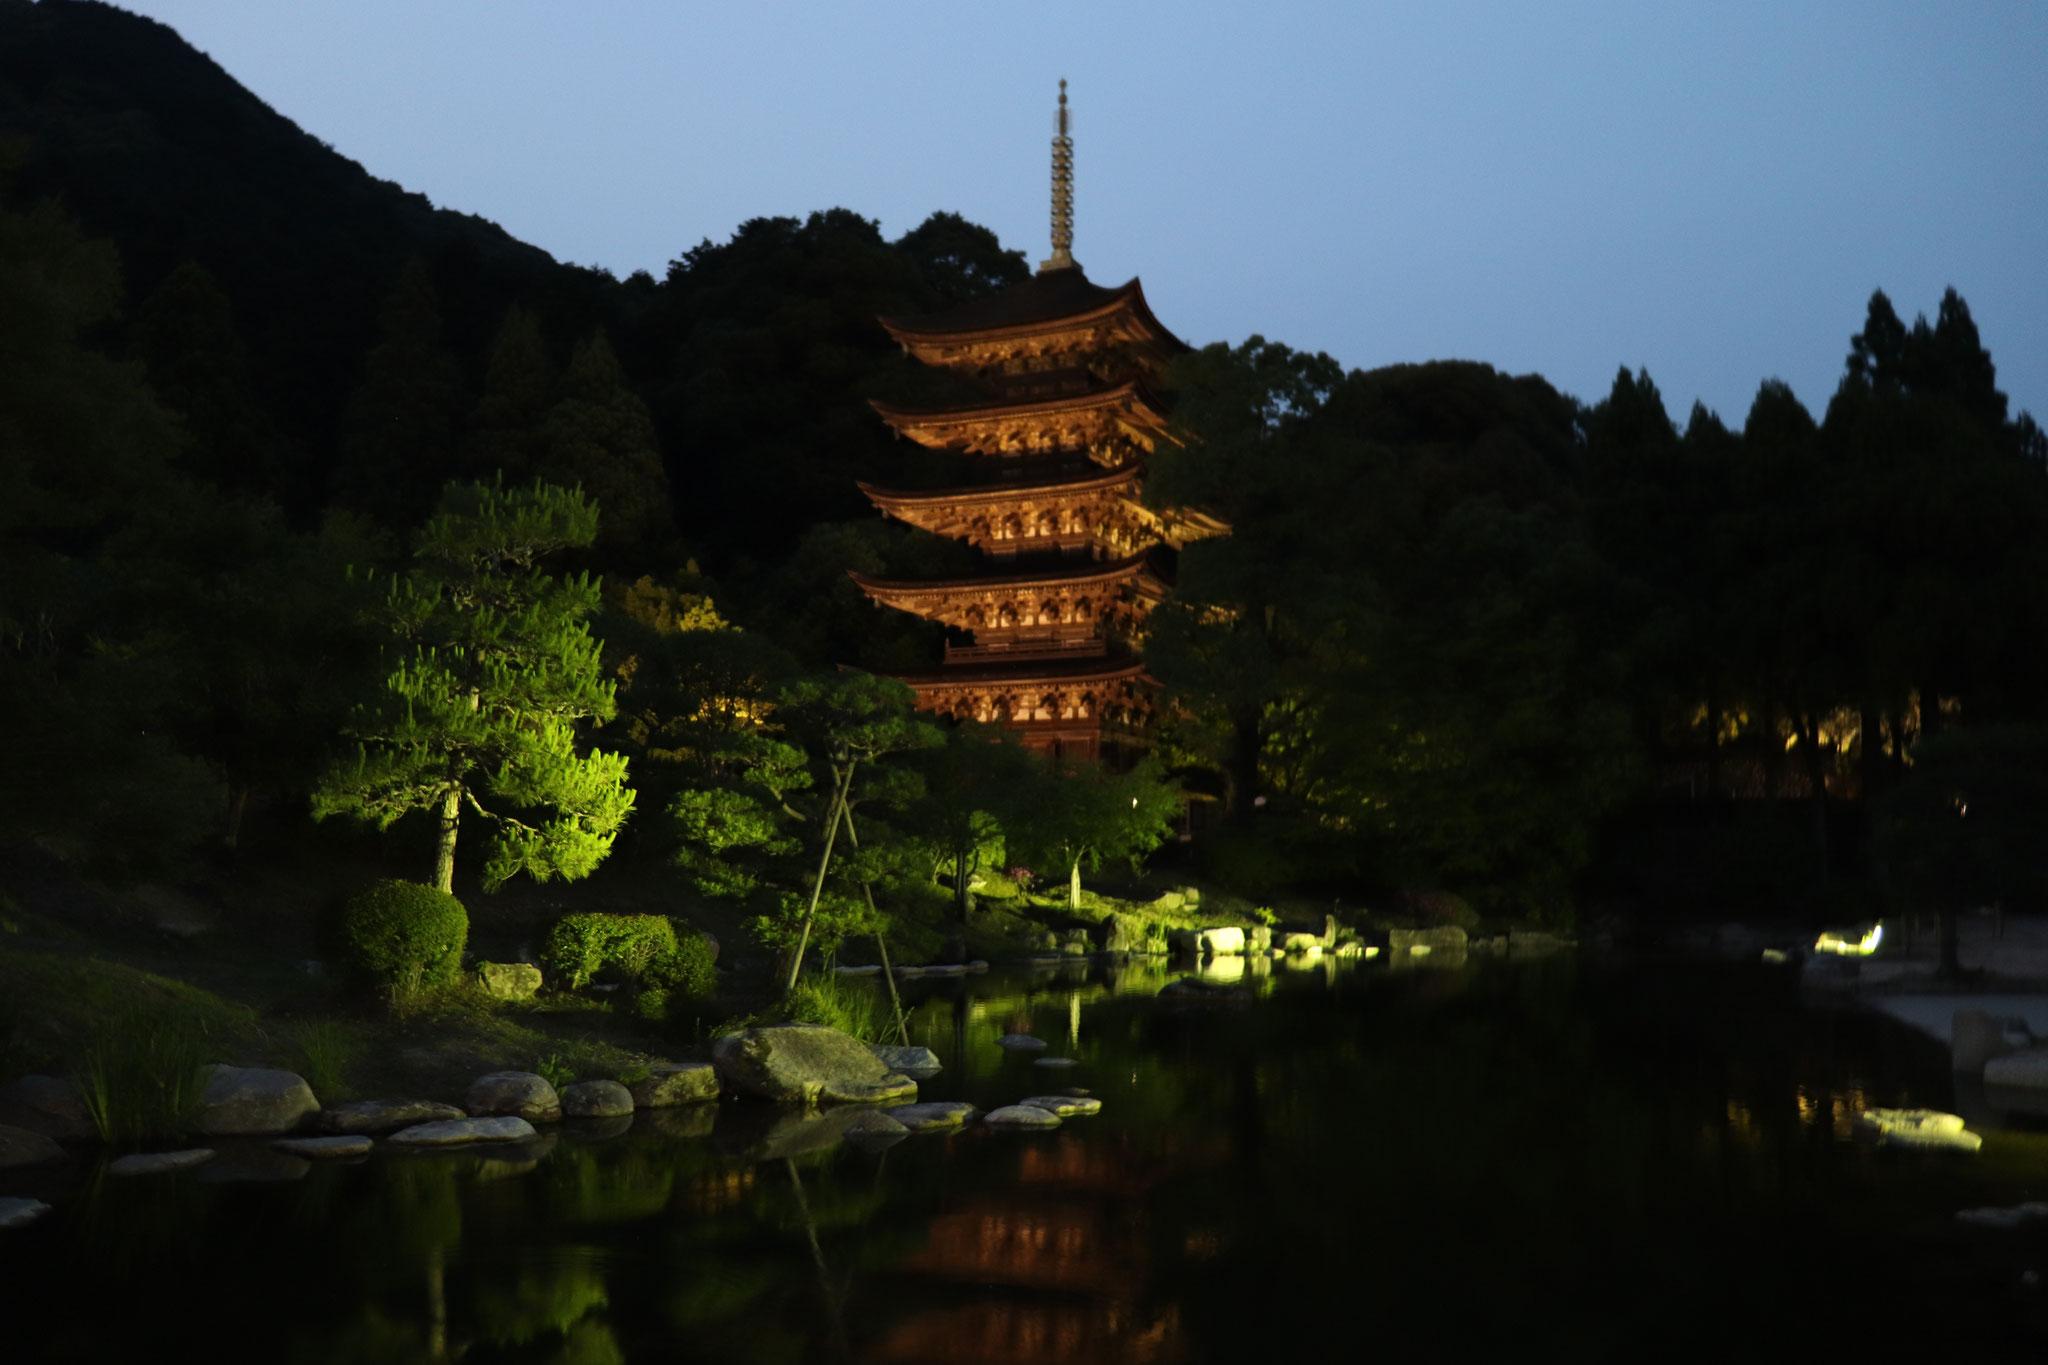 瑠璃光寺五重塔(山口市)